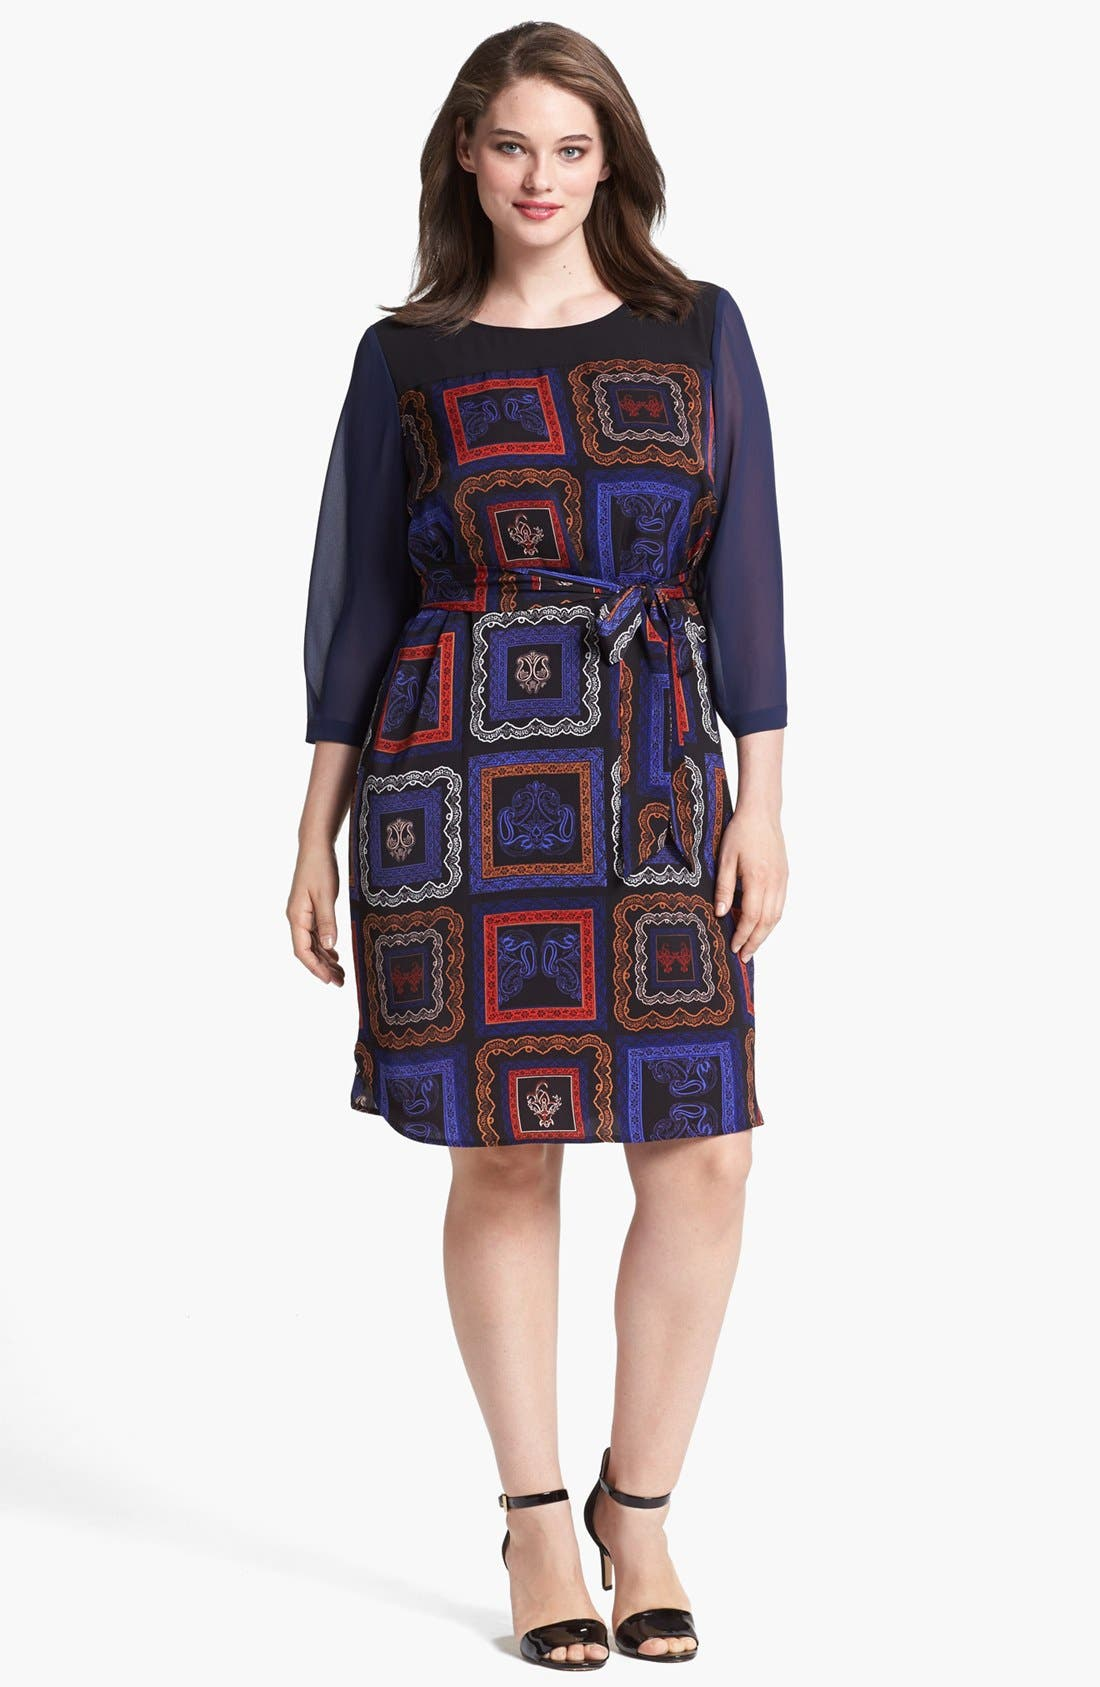 Alternate Image 1 Selected - DKNYC Print Chiffon Shirtdress (Plus Size)